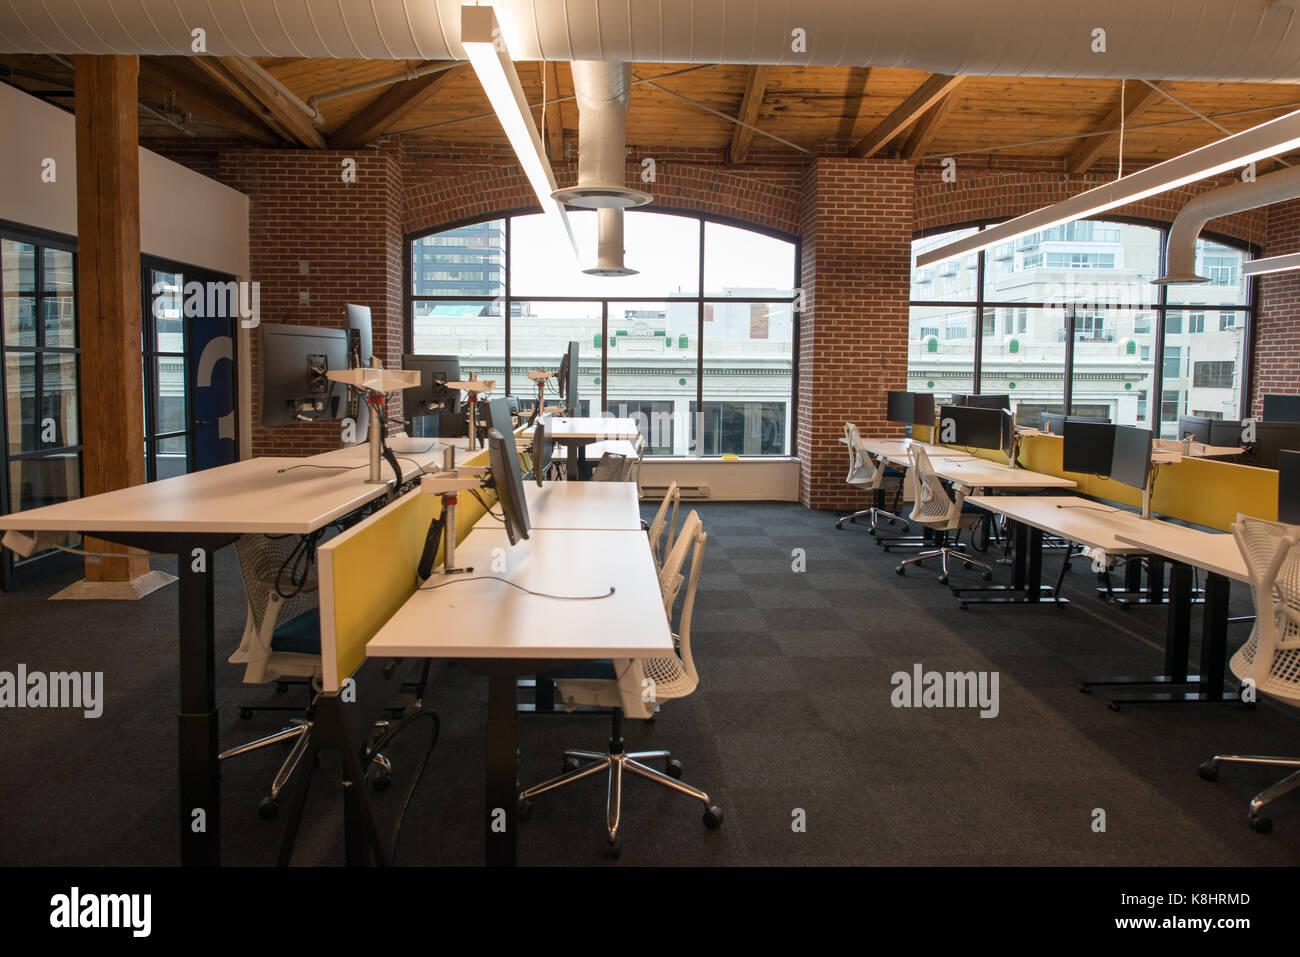 Concepto abierto moderno loft espacio de oficina con grandes ventanales, con luz natural y un diseño para fomentar Imagen De Stock